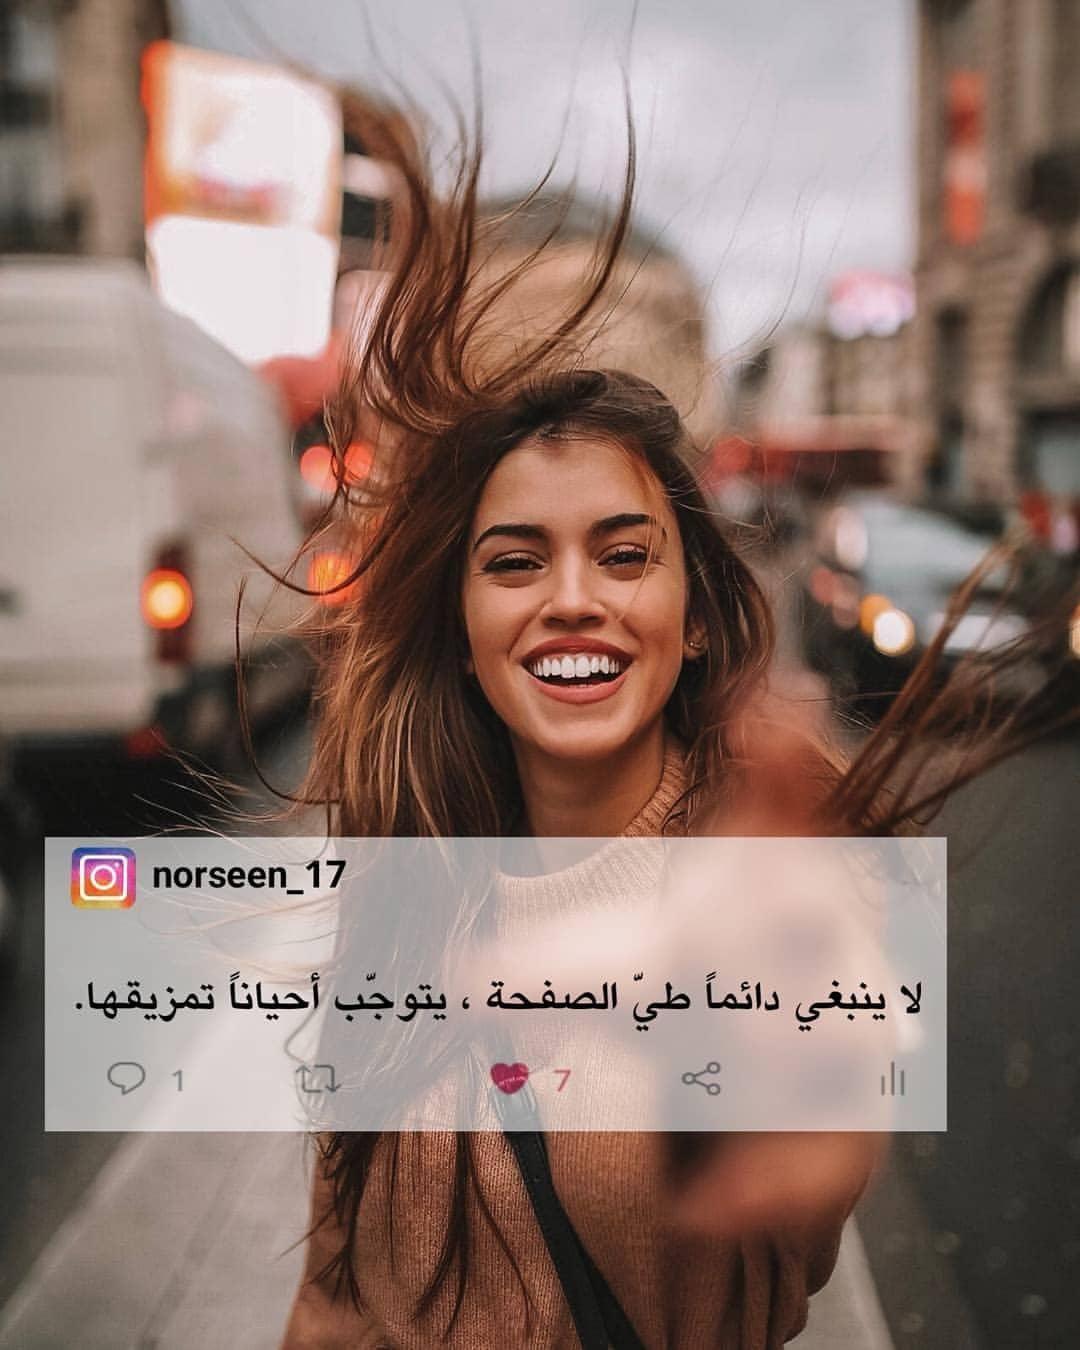 اقتباسات انستيجرام صور بنات 2019 For Android Apk Download Beautiful Arabic Words Cover Photo Quotes Funny Arabic Quotes